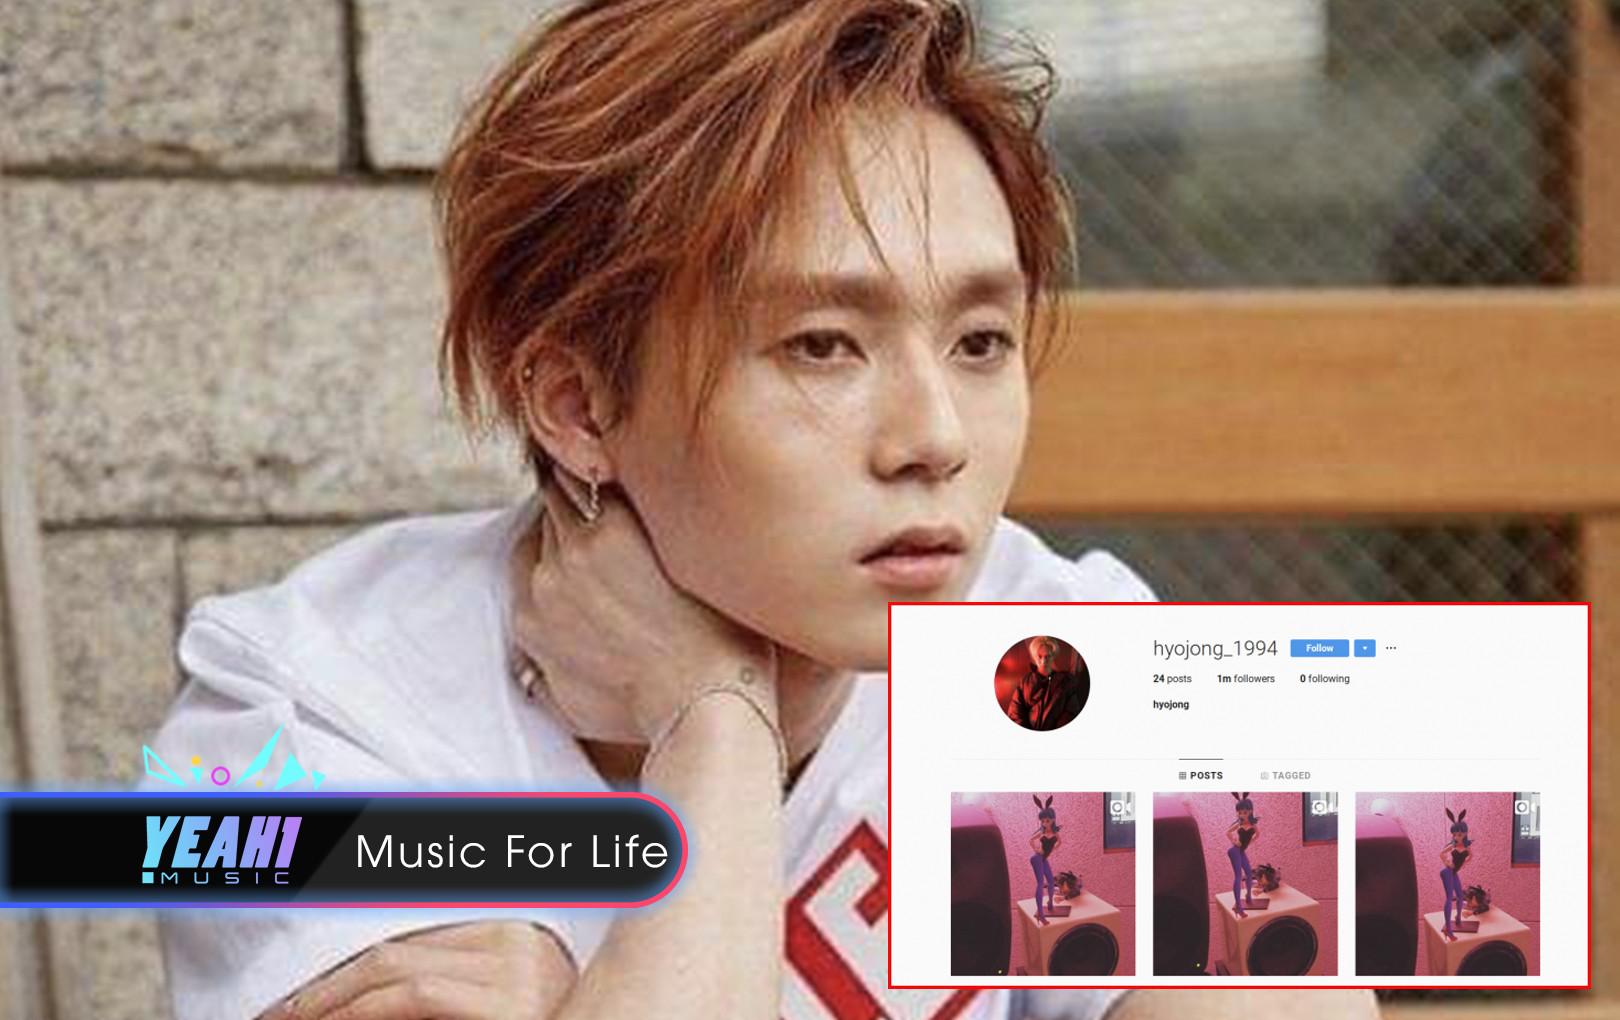 Chăm chỉ đăng ảnh tình cảm với HyunA, E'Dawn chính thức cán mốc 1 triệu người theo dõi trên Instagram